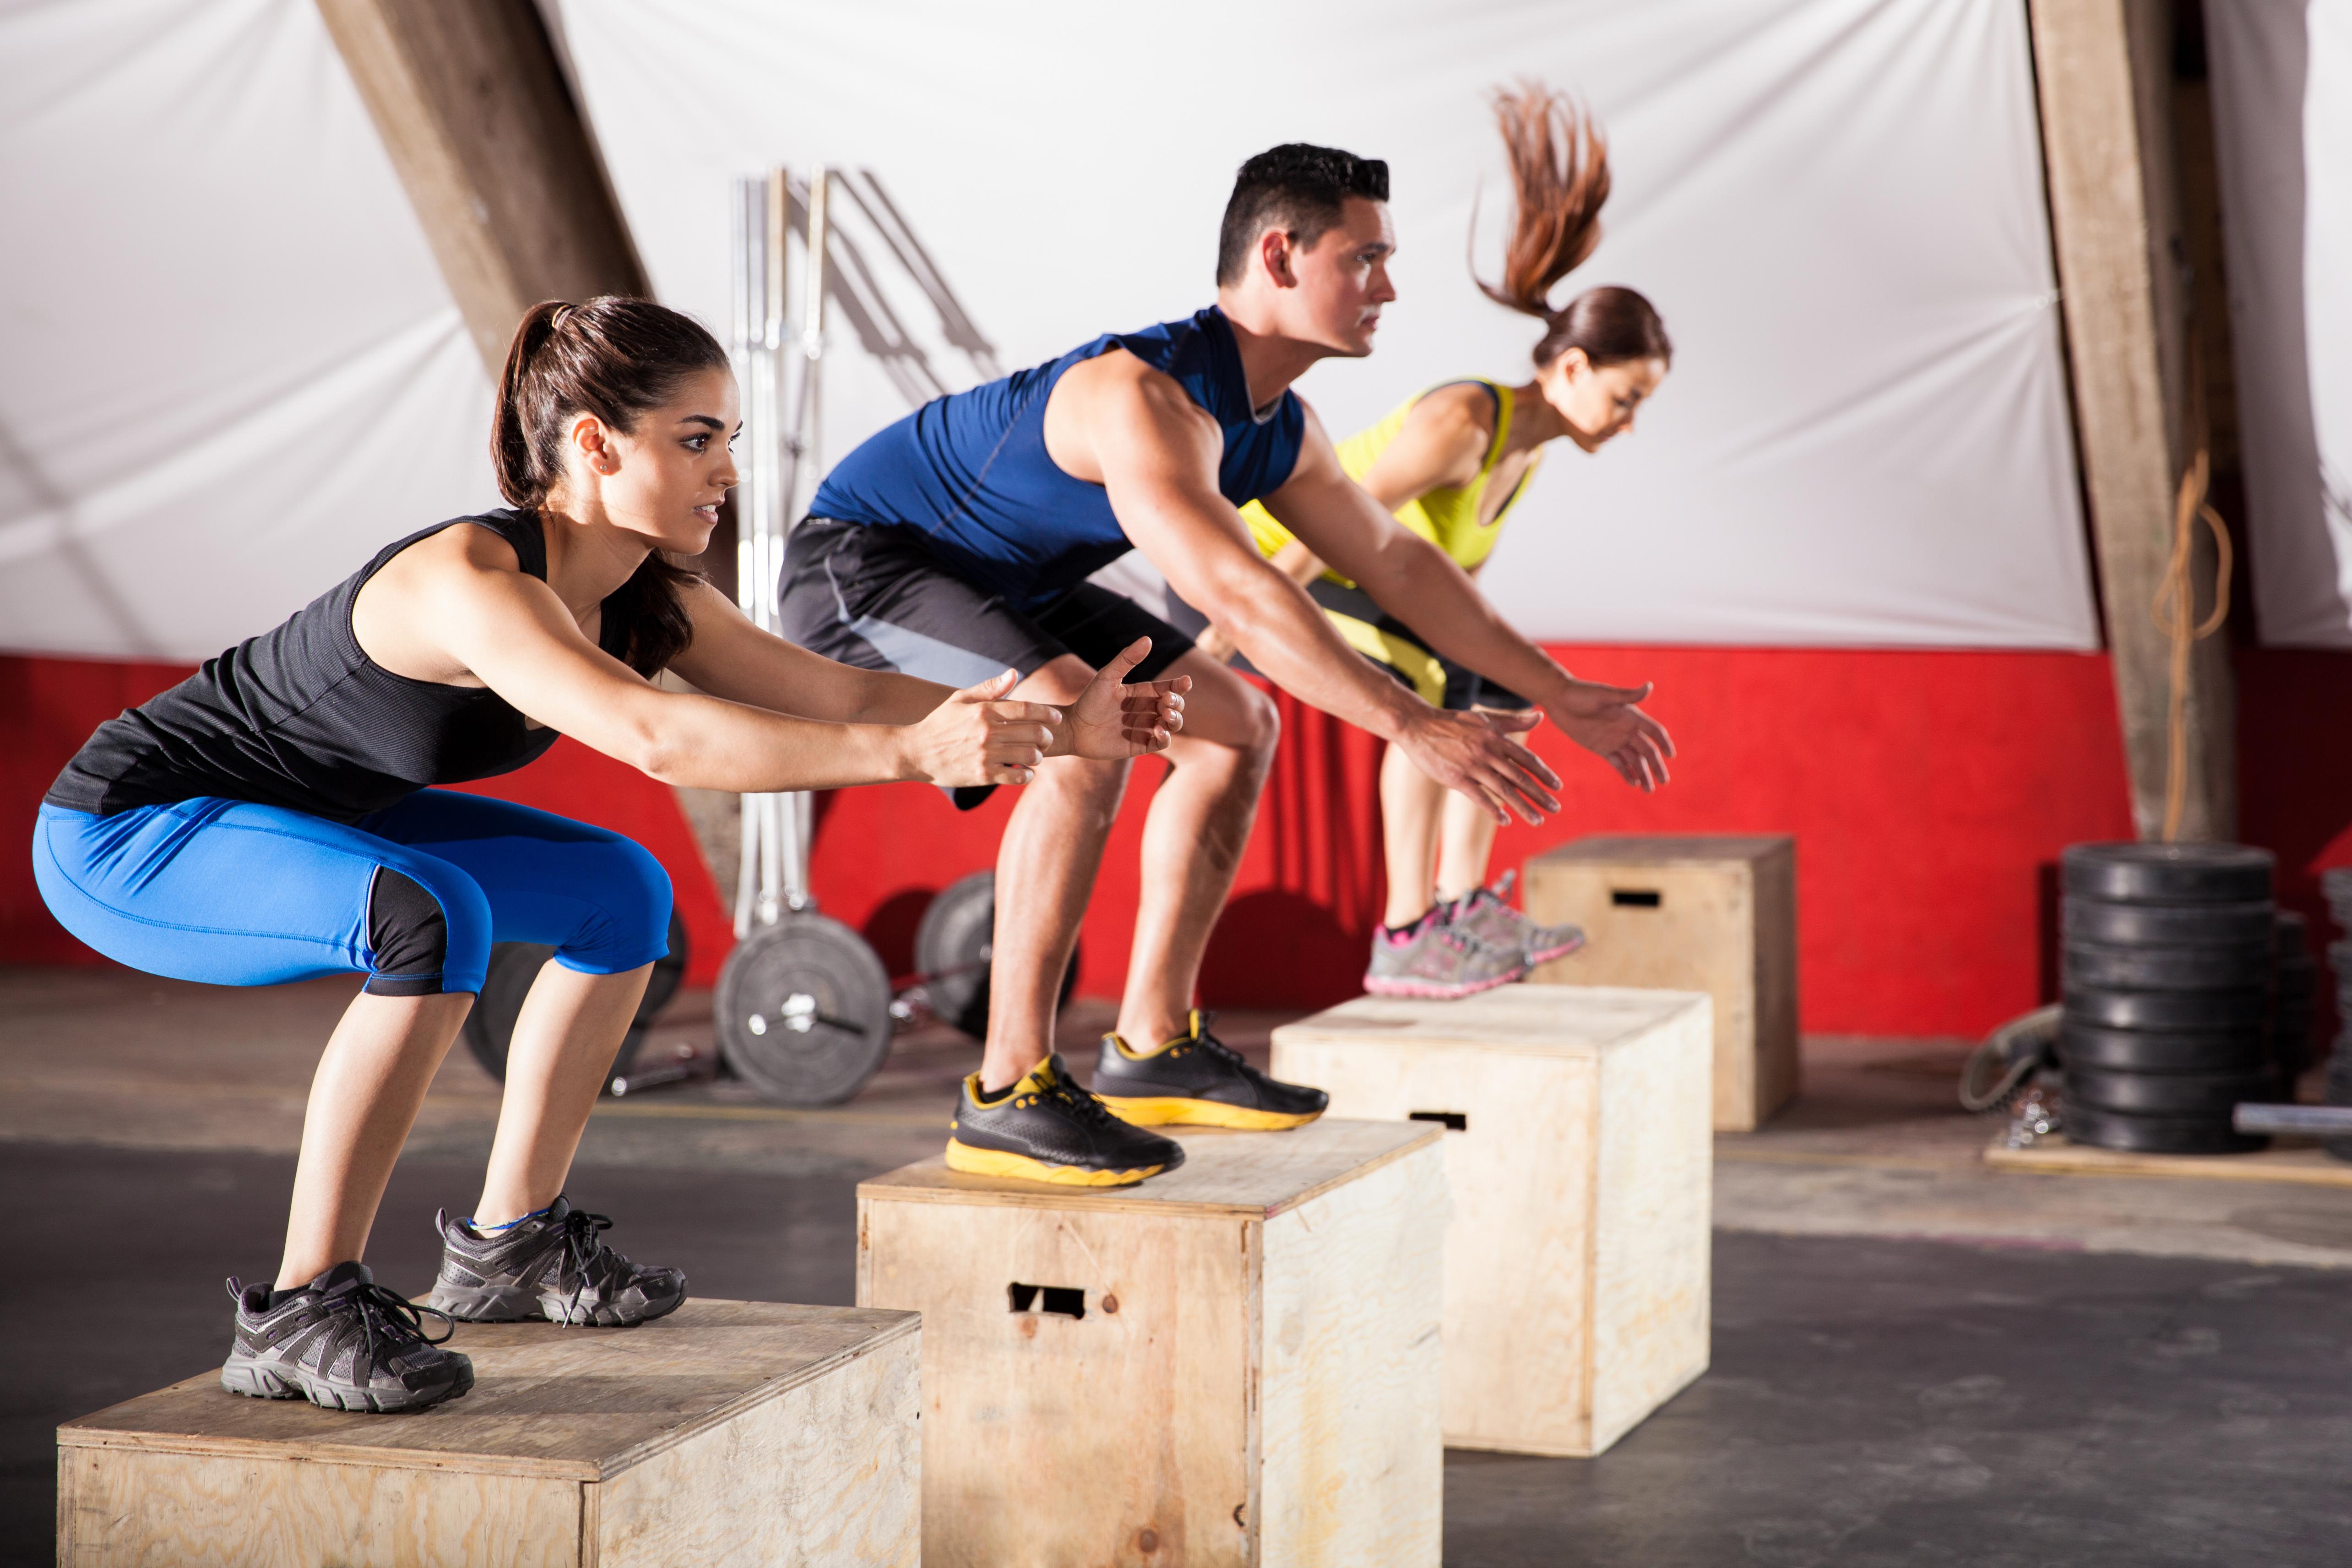 CrossFit: Details & Advantages